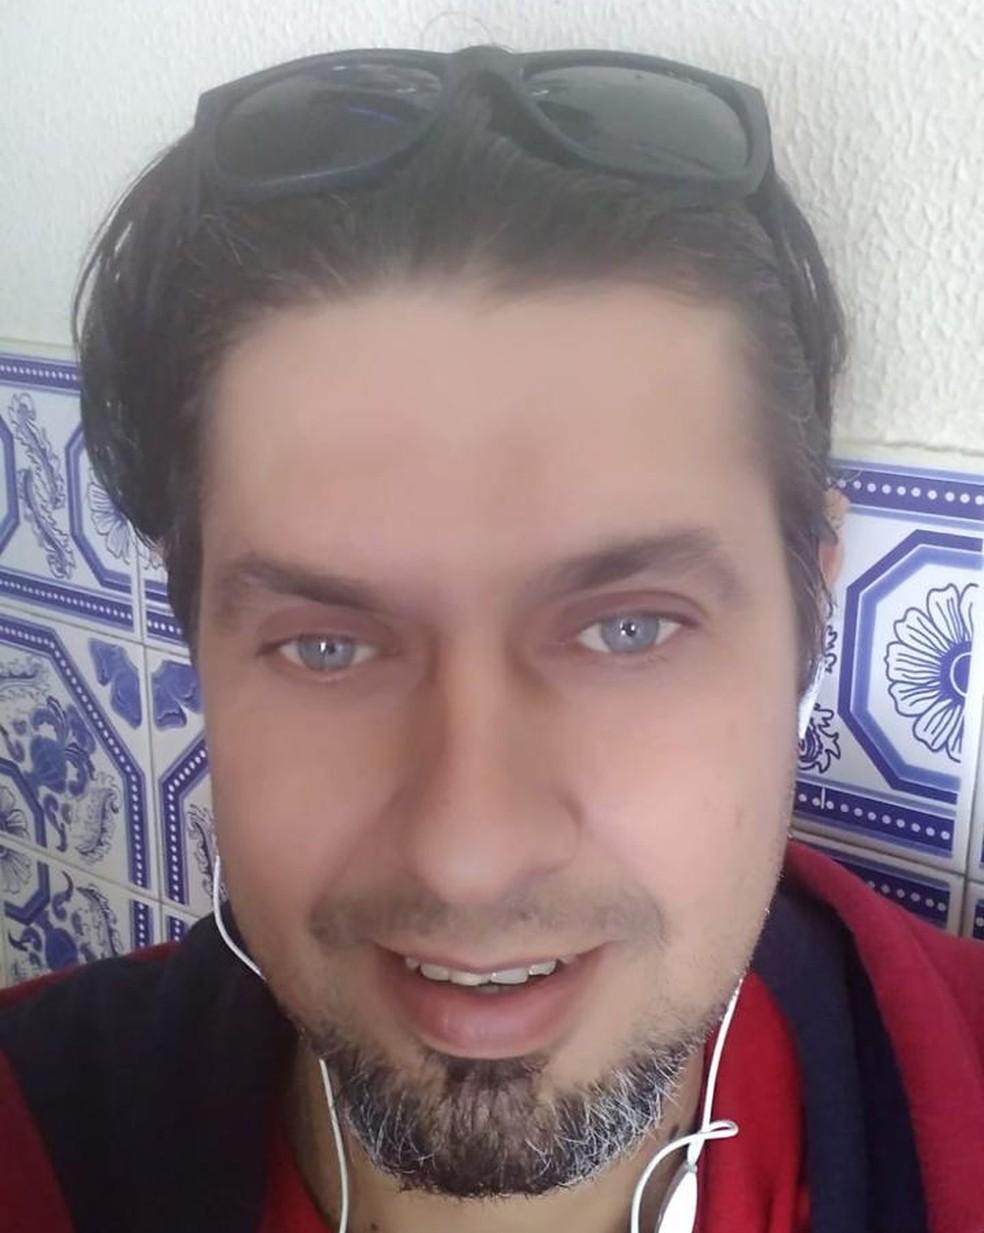 Mecânico foi localizado inconsciente em um hospital universitário em Marrocos, segundo a Embaixada brasileira.  — Foto: Arquivo Pessoal